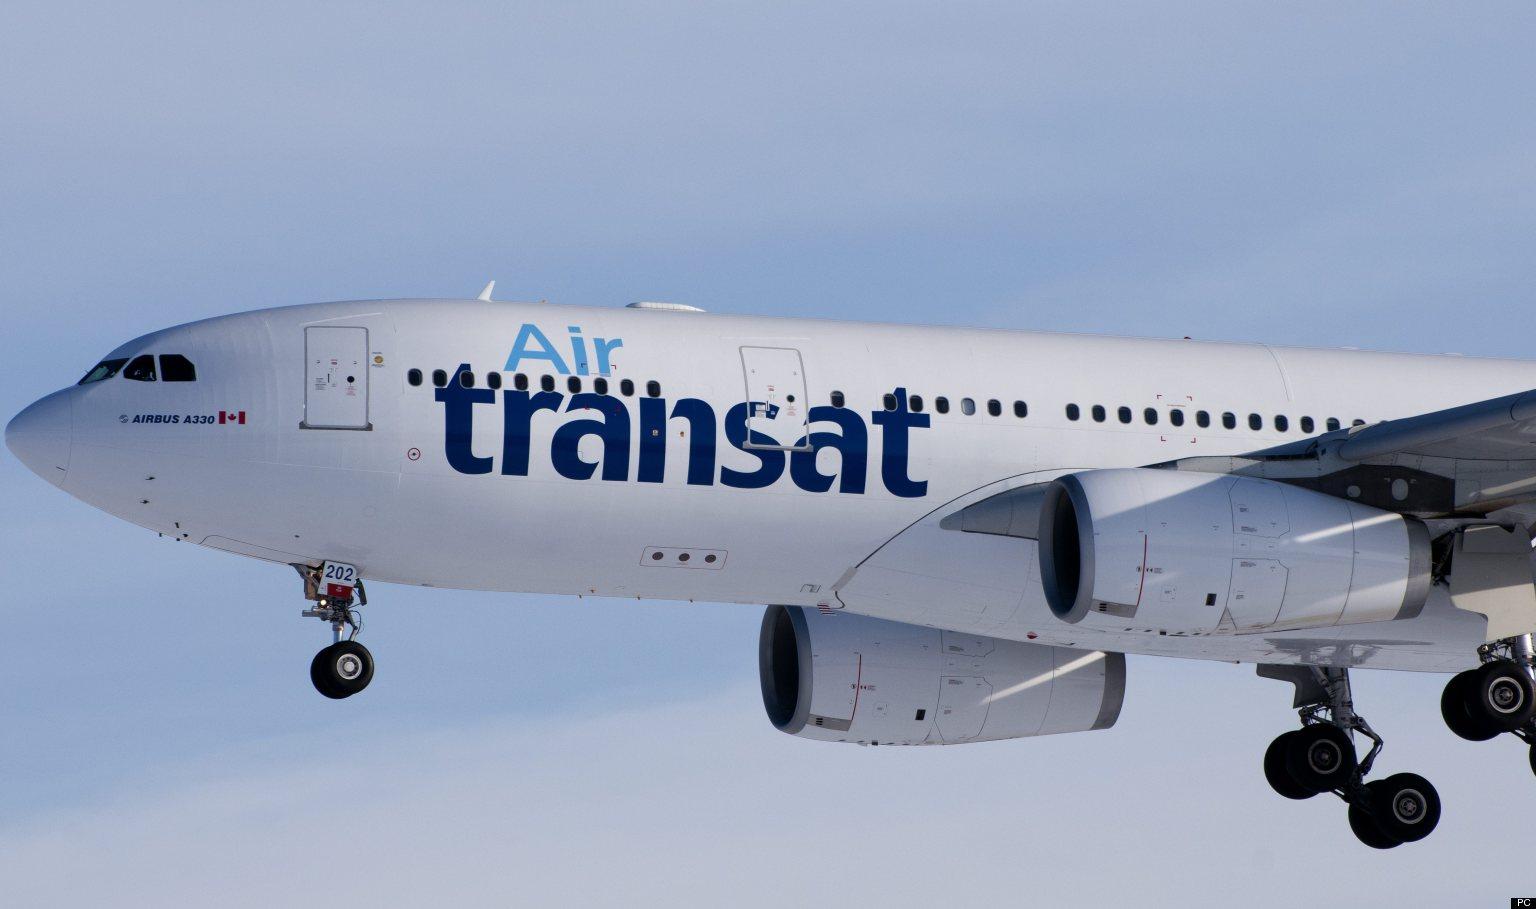 Air transat louera des avions d 39 un transporteur fran ais for Avion air transat interieur